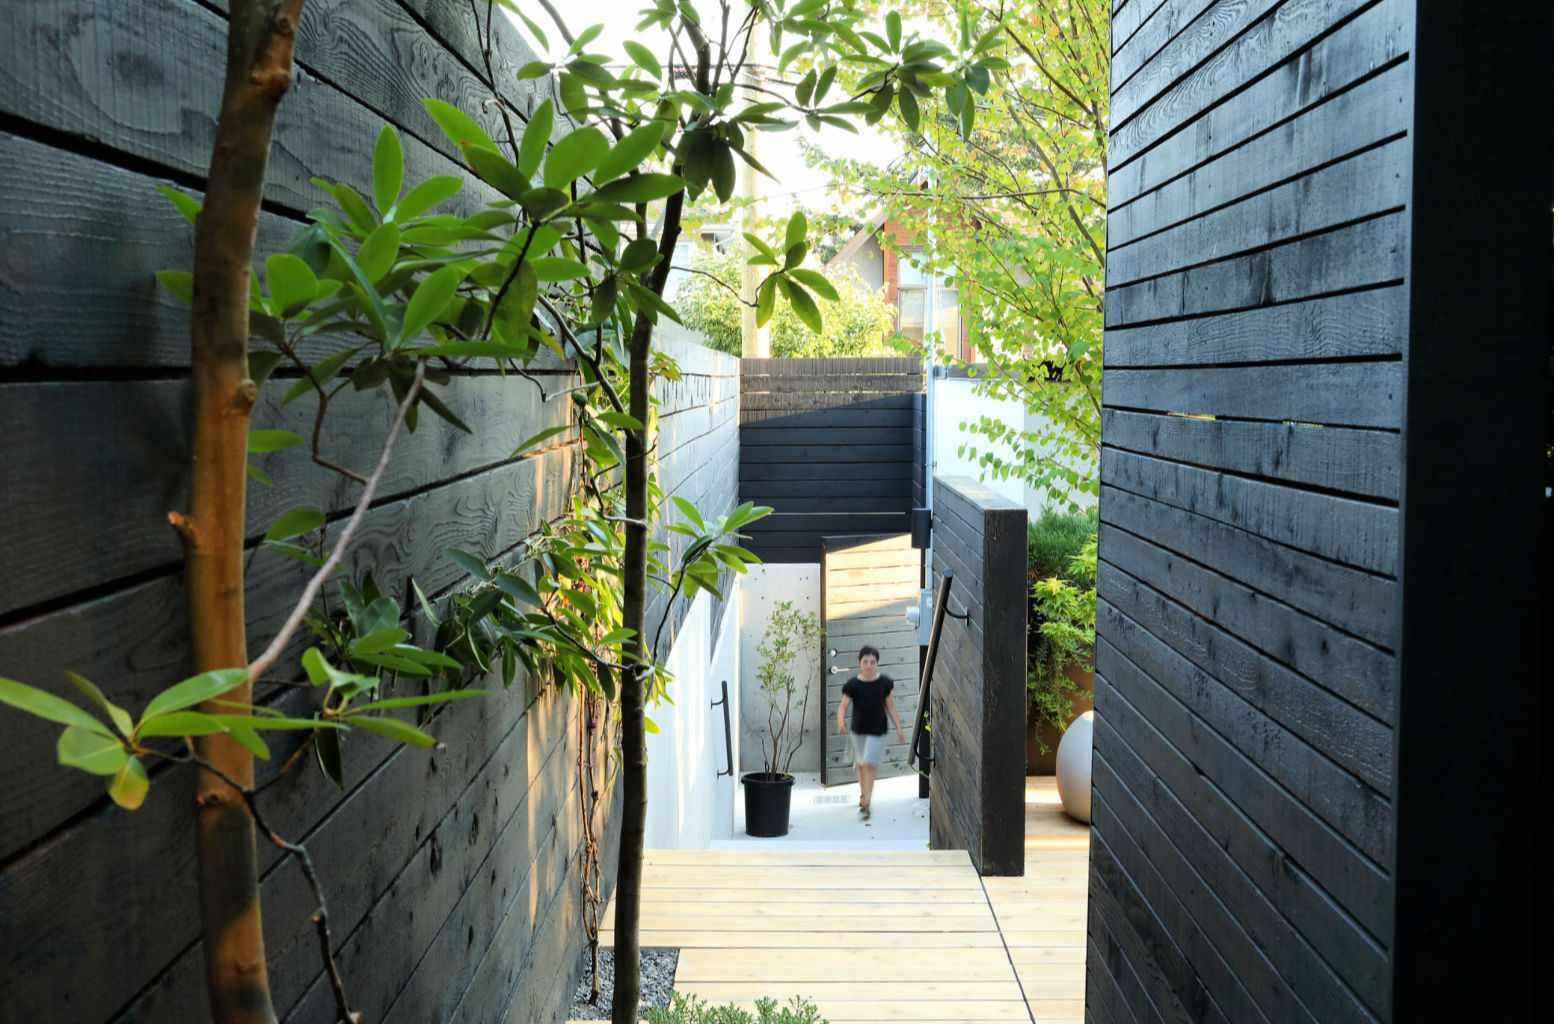 puerta de jardín de patio de varios niveles